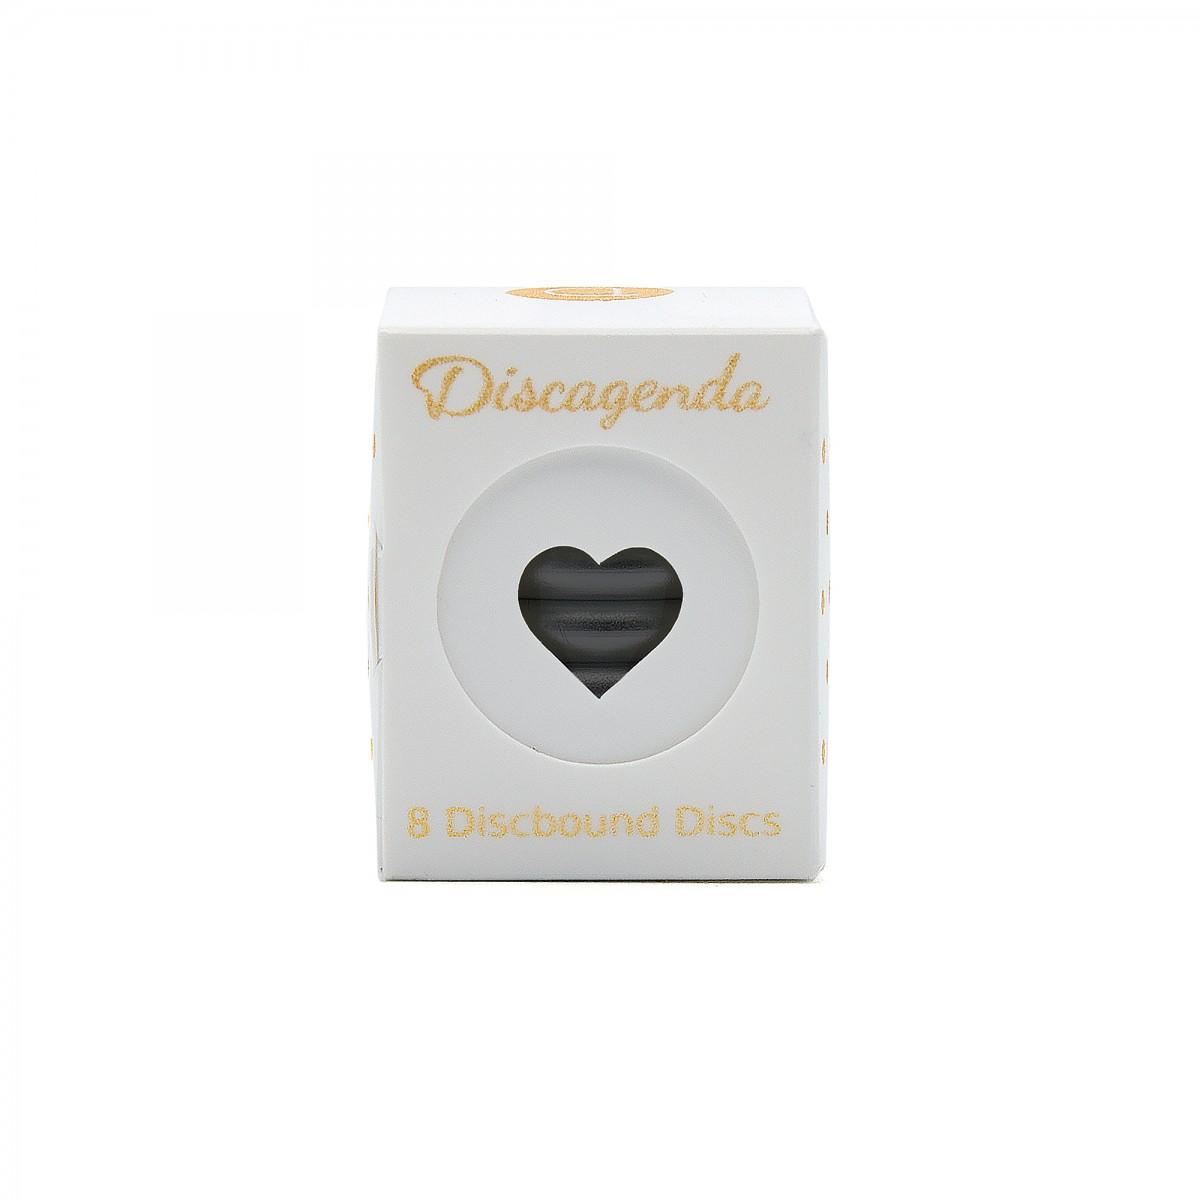 DISCAGENDA DISCBOUND DISCS 33MM 8 PIECE SET BLACK